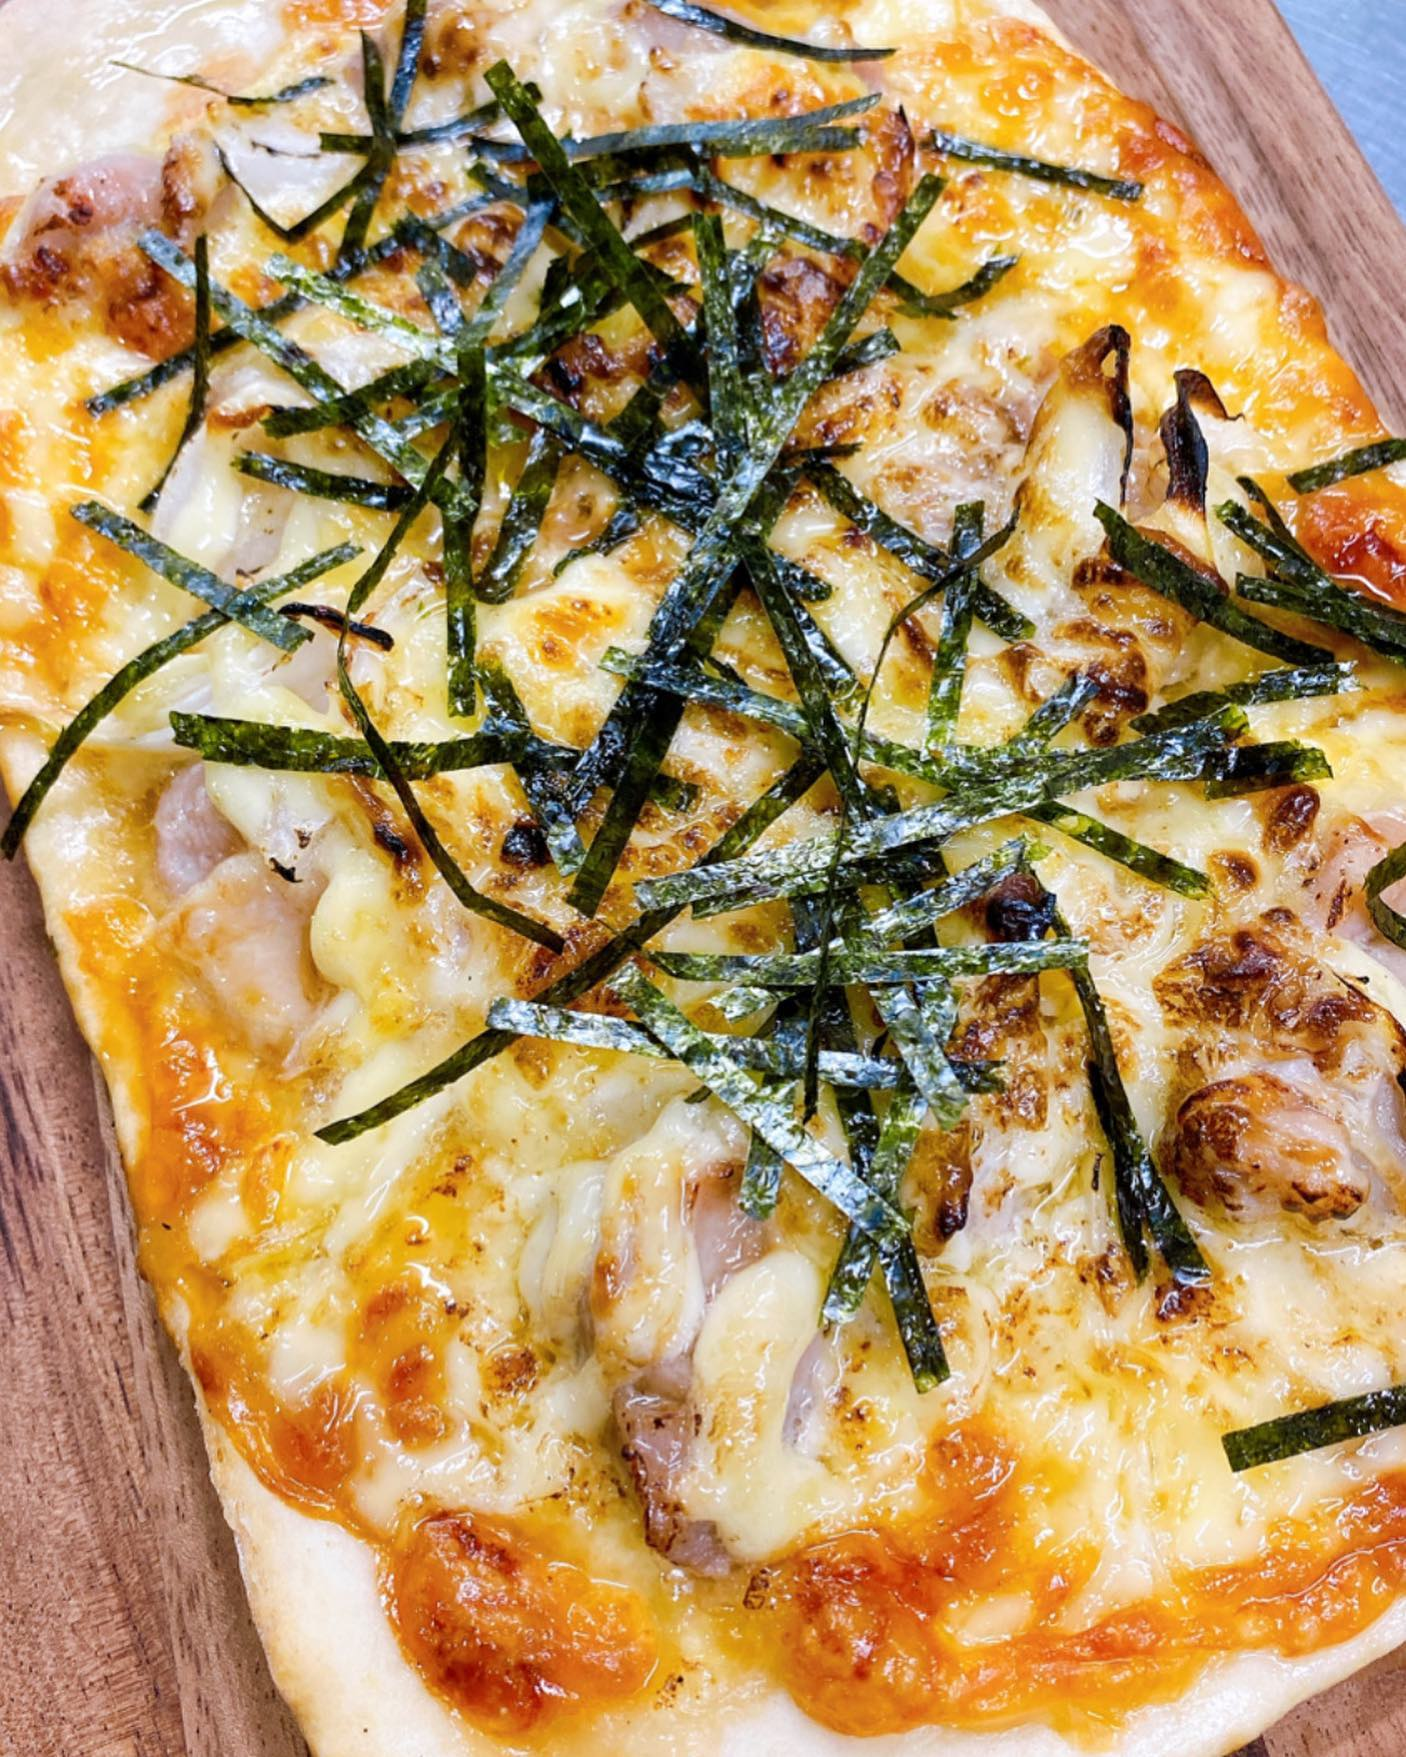 ピザ畑テイクアウトピザ 照り焼きチキンマヨチーズ ¥800税込ボリューム満点 おやつにピザなんてどうですか?